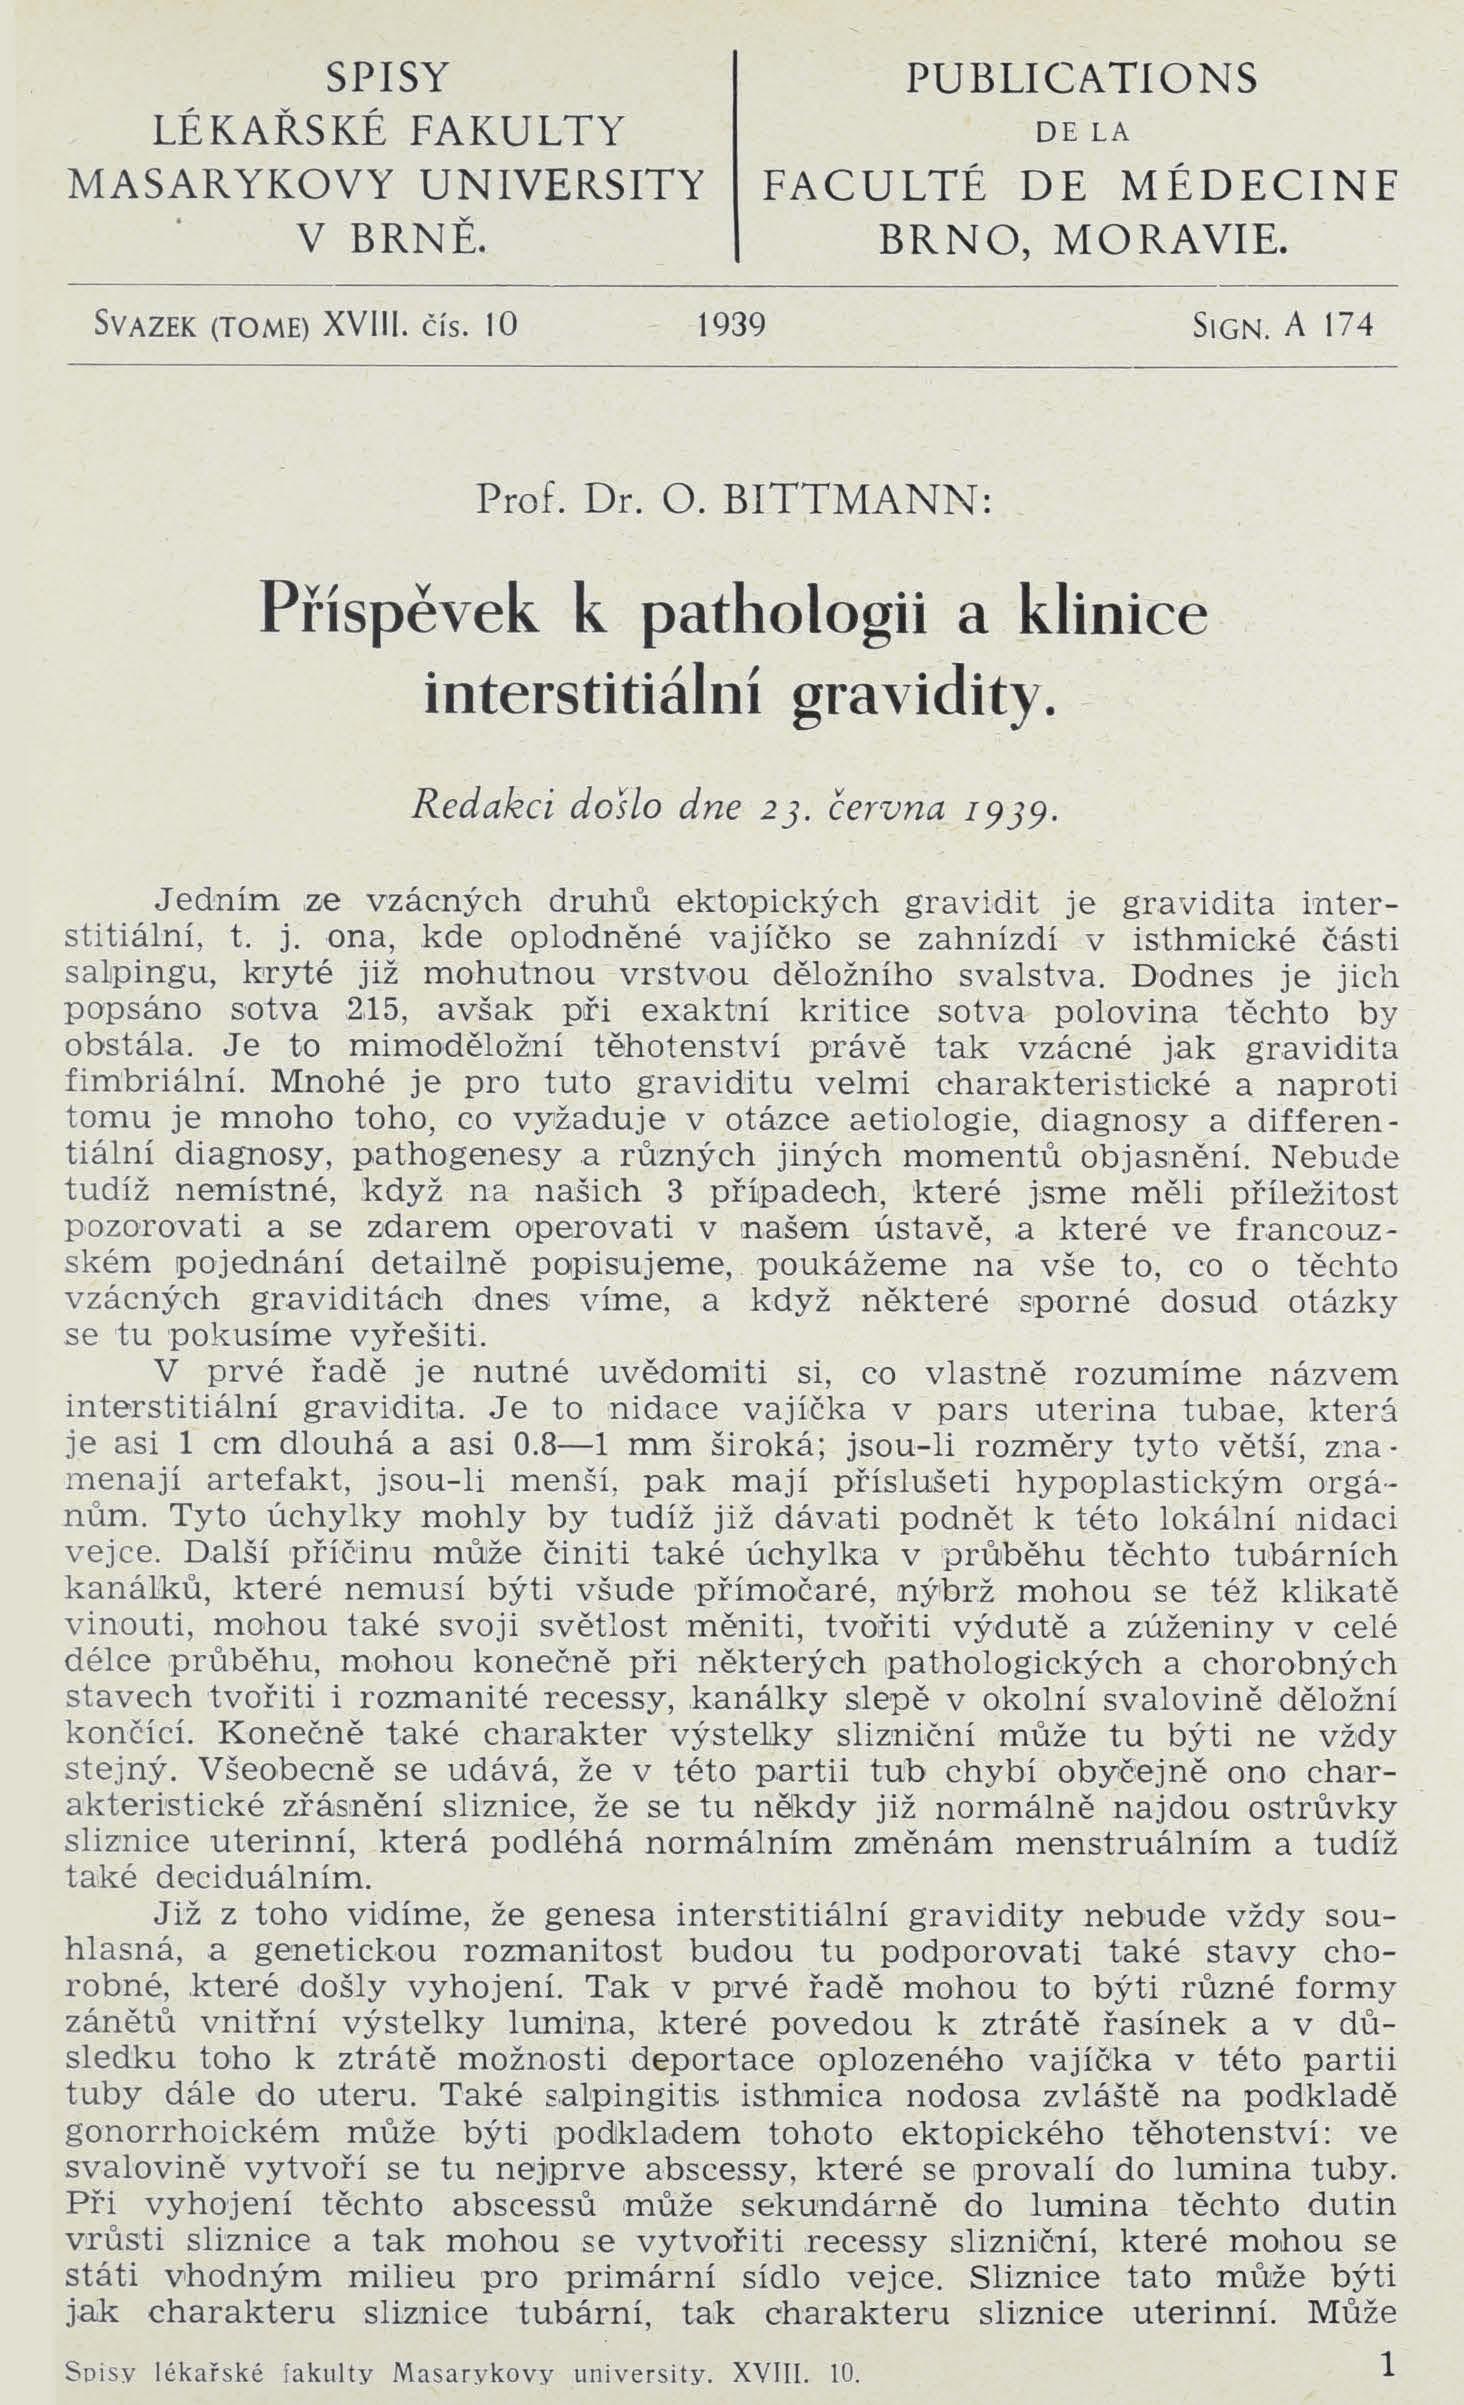 Obálka pro Příspěvek k pathologii a klinice interstitiální gravidity / Sur la pathologie et la clinique du gravidité interstitielle